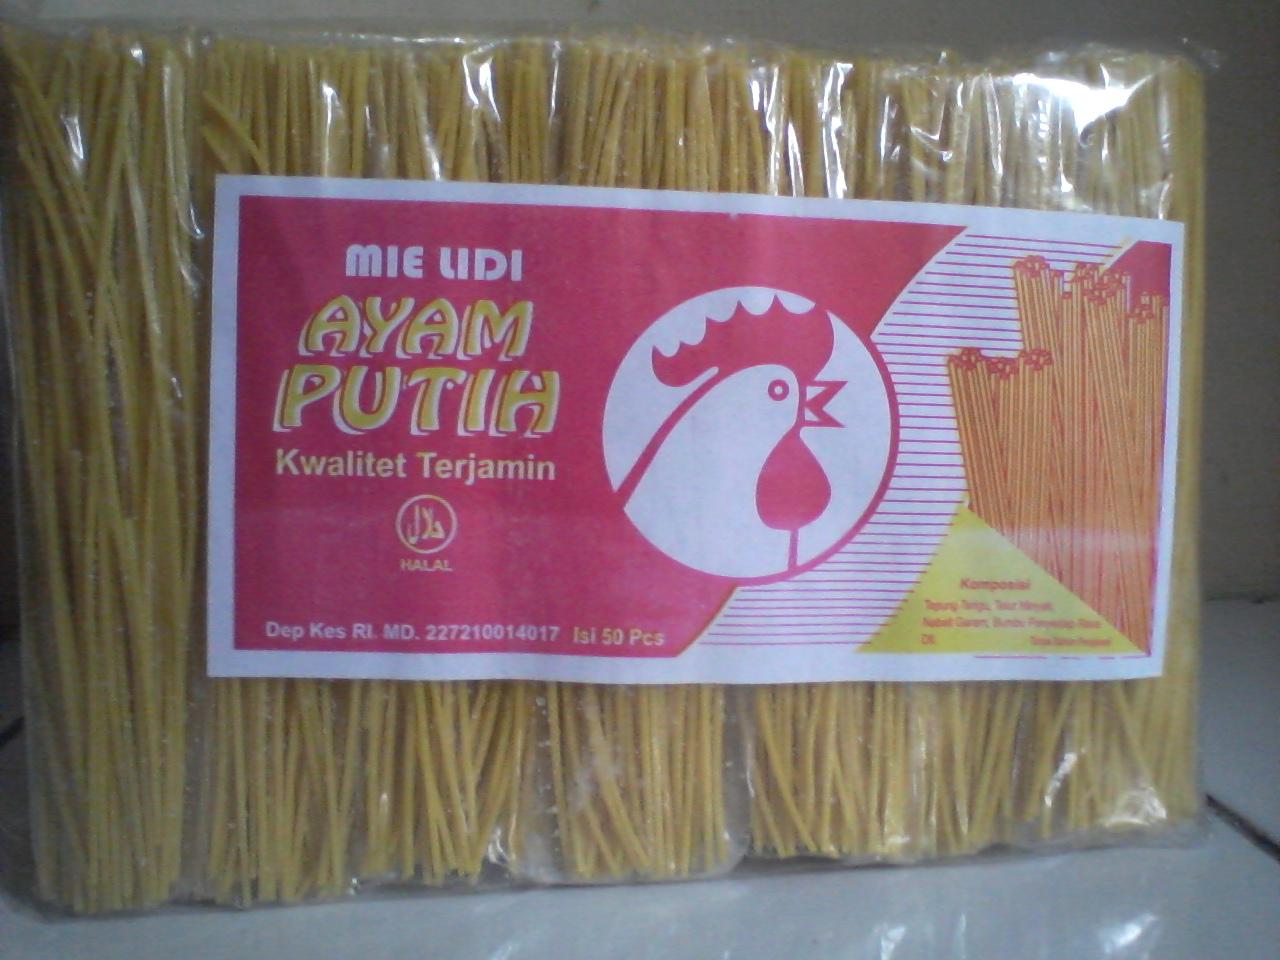 Spaghetti Goreng Produksi Bapak Ikin Sodikin Mie Lidi Mentah